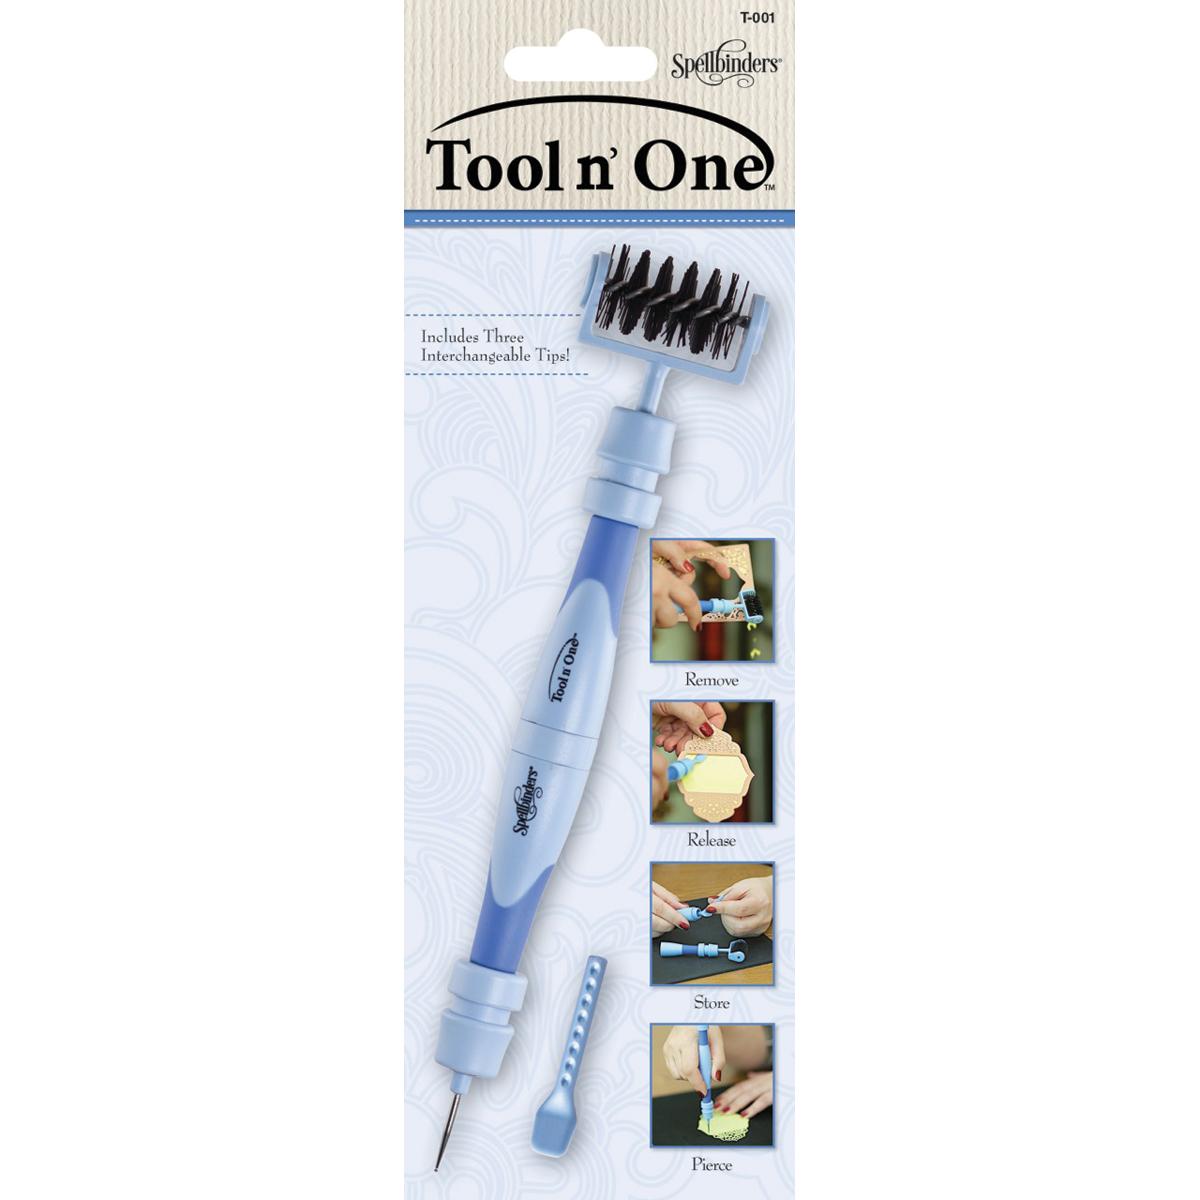 Spellbinders Tool'n One